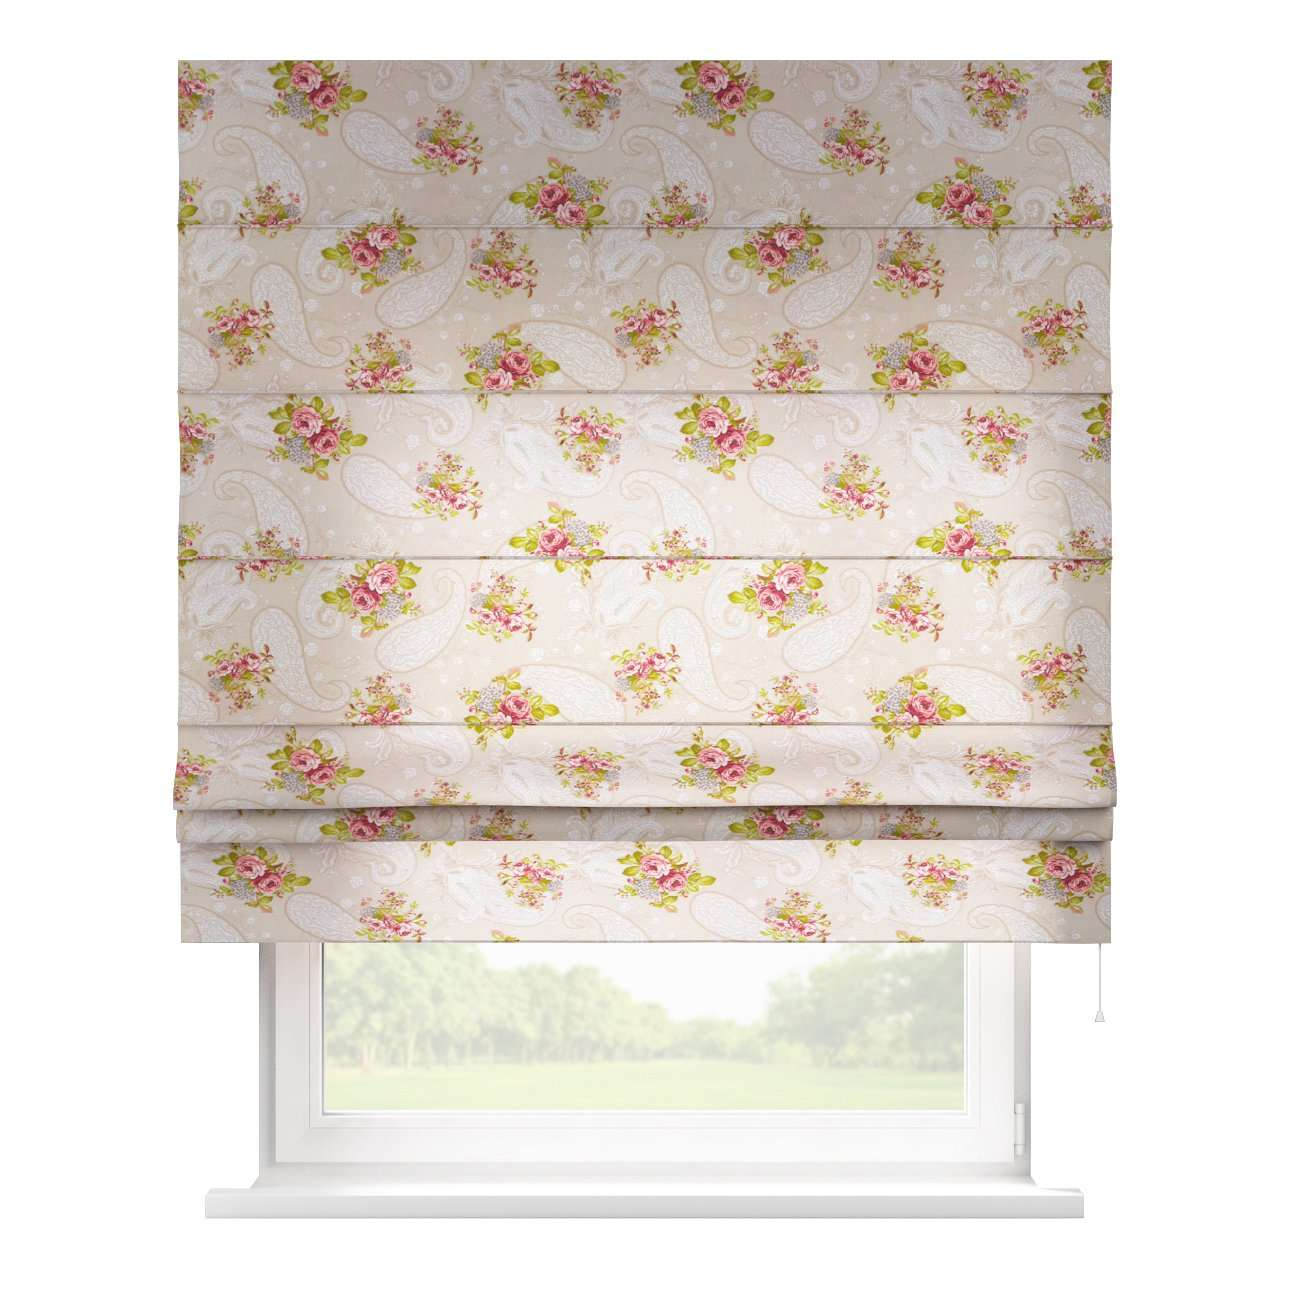 Rímska roleta Padva 80 x 170 cm V kolekcii Flowers, tkanina: 311-15